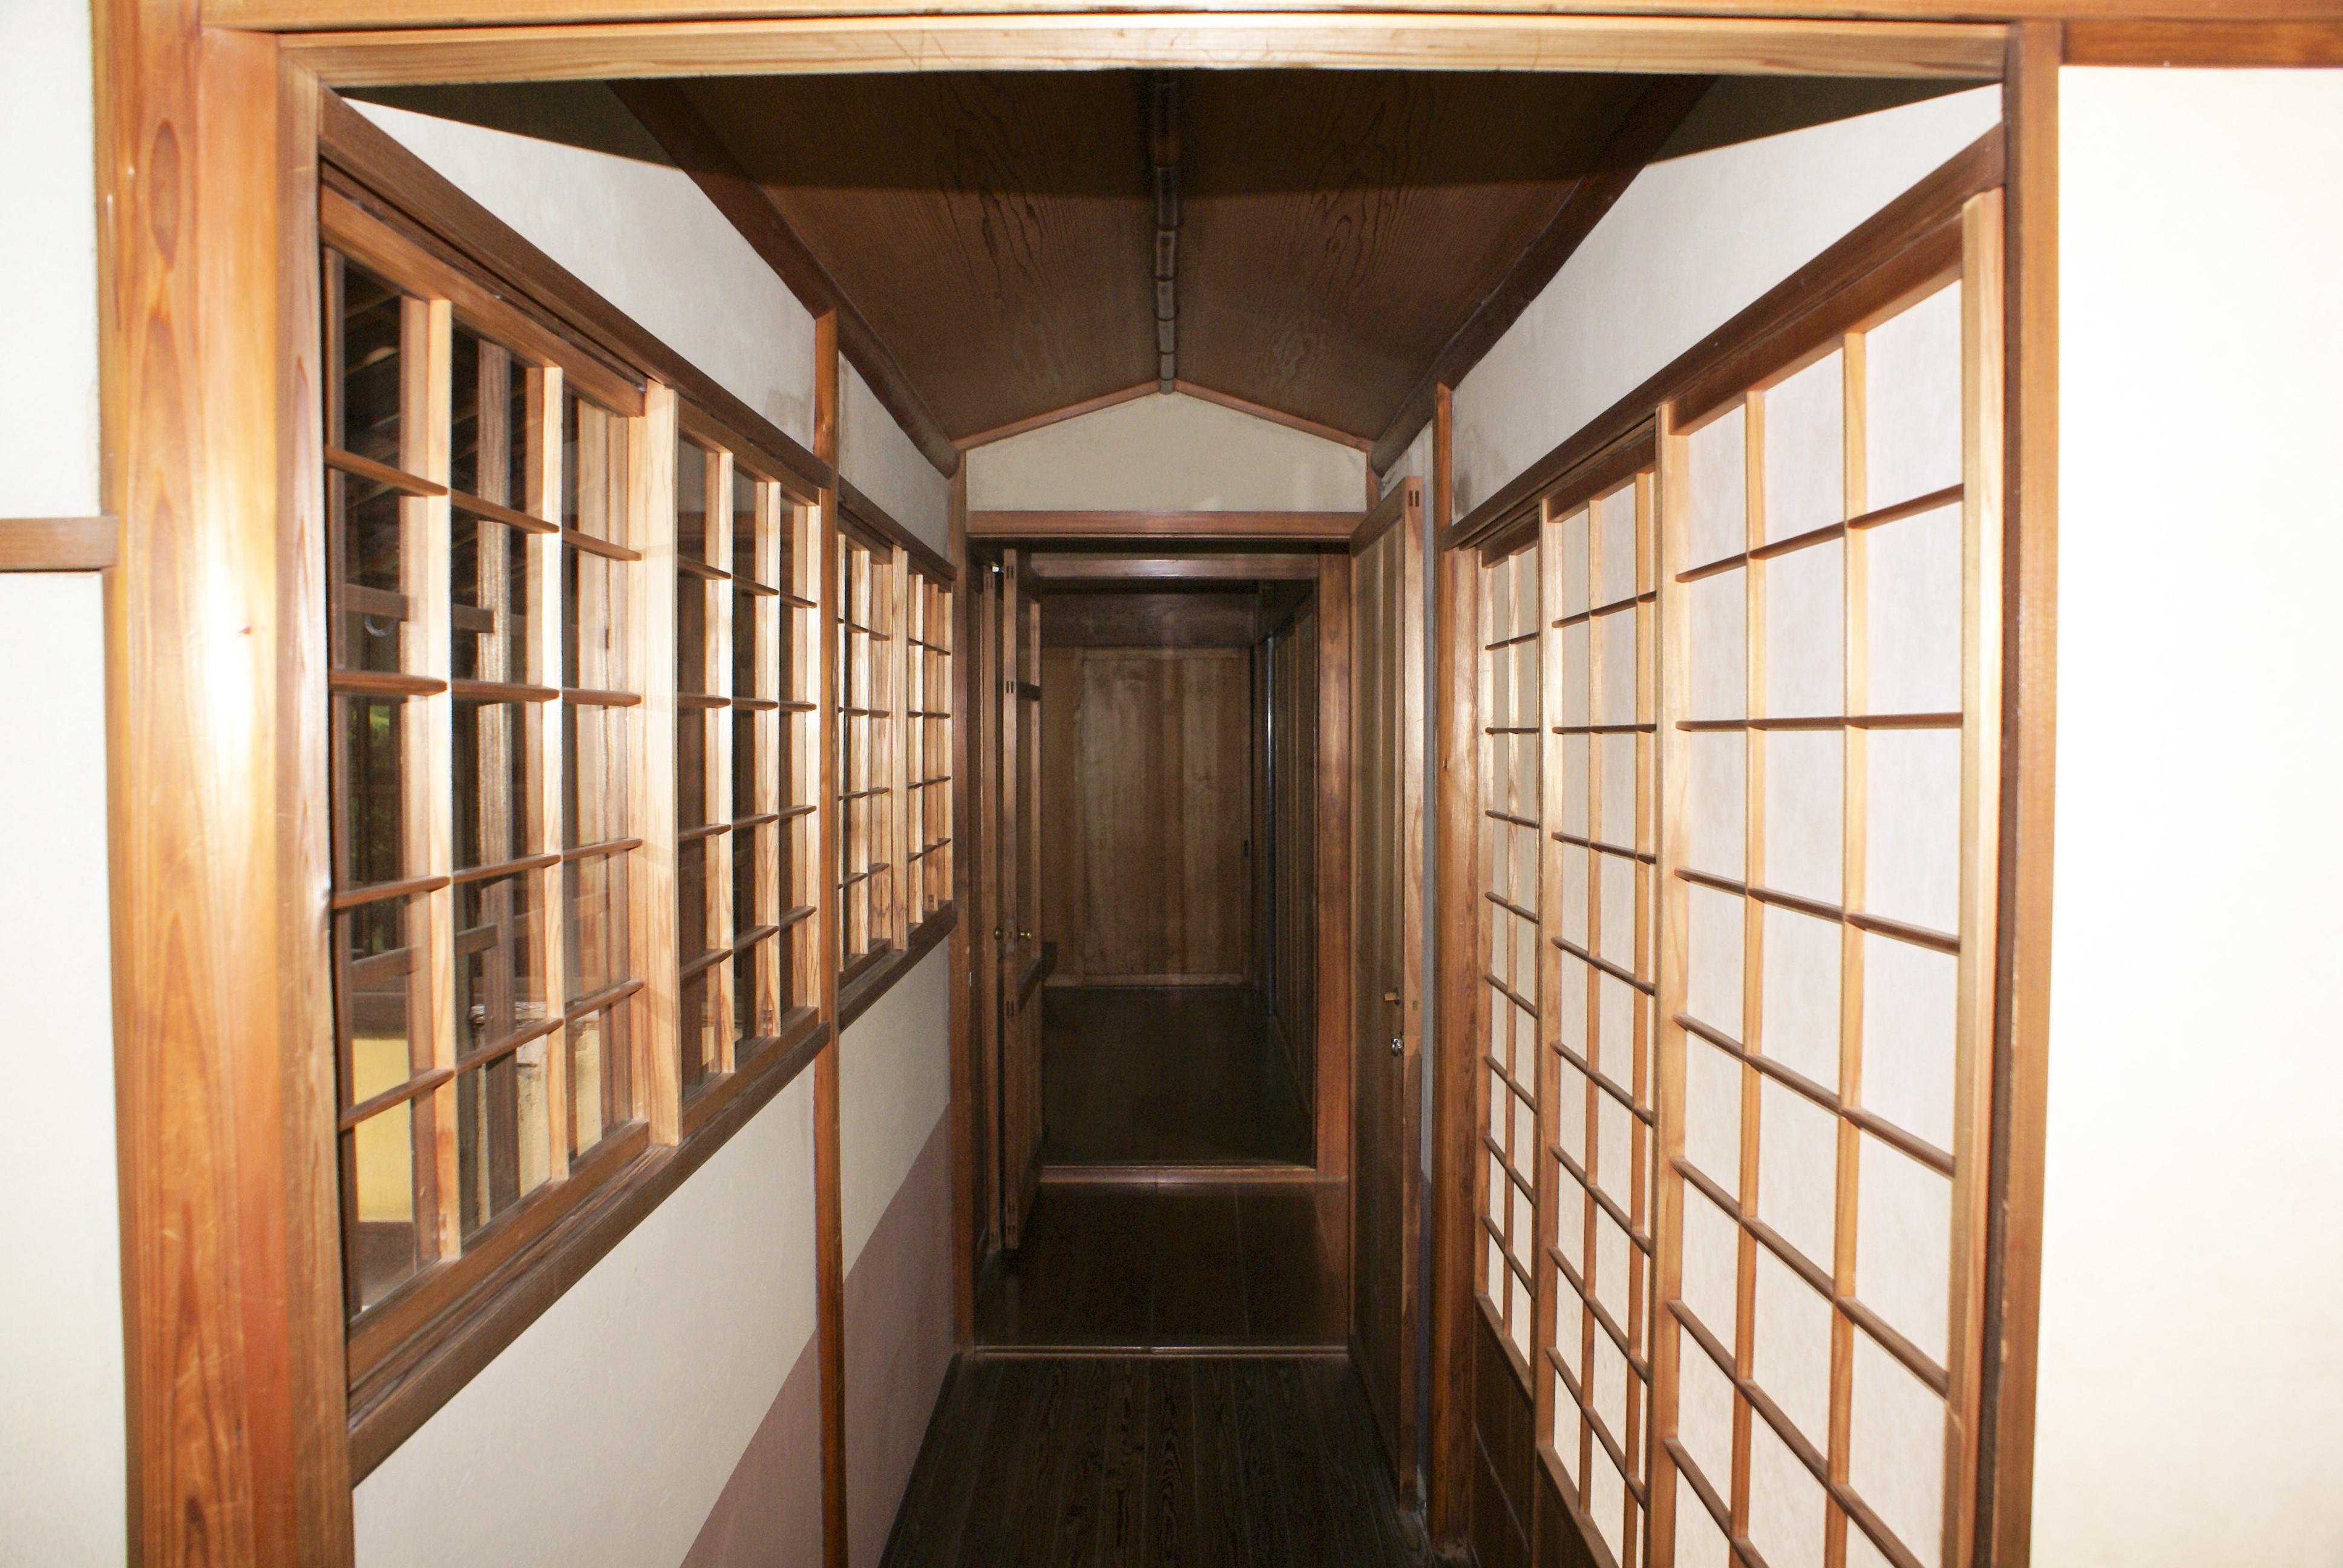 <p>玄関から座敷に続く渡り廊下</p>露地側に出入口を設けた半間幅の渡り廊下は船底天井、武者小路千家の茶室「行舟亭」を思わせる意匠である。